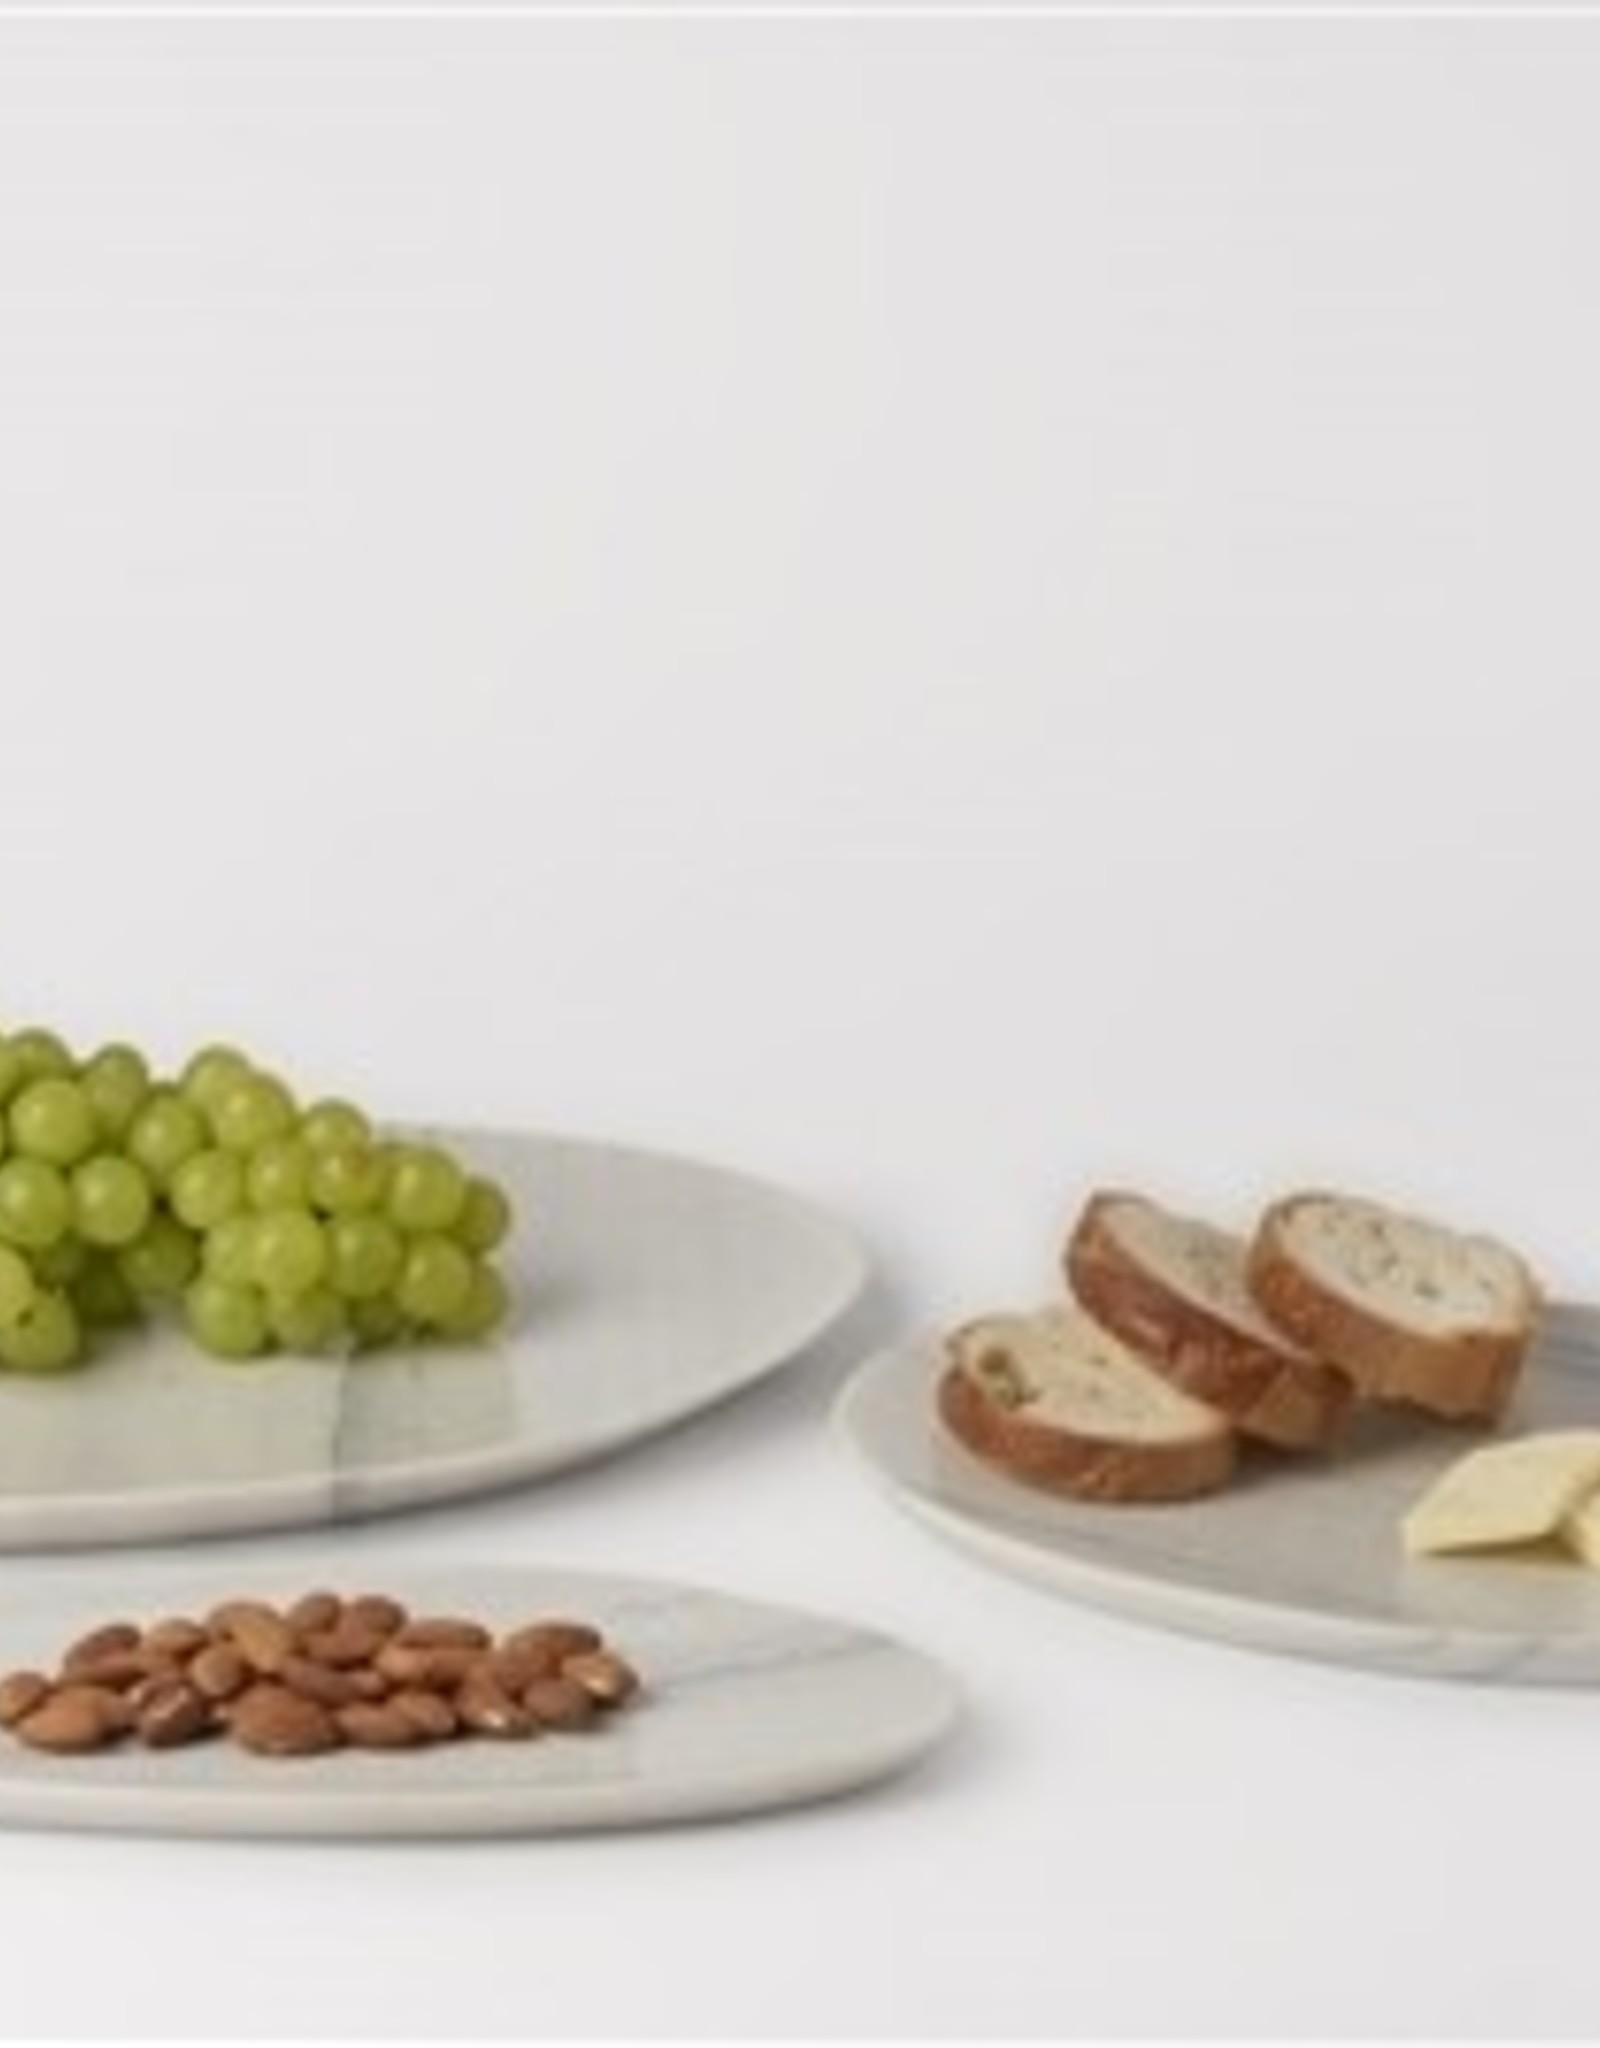 BIDK Home SM Stone Asymmetrical Platter - White Grey